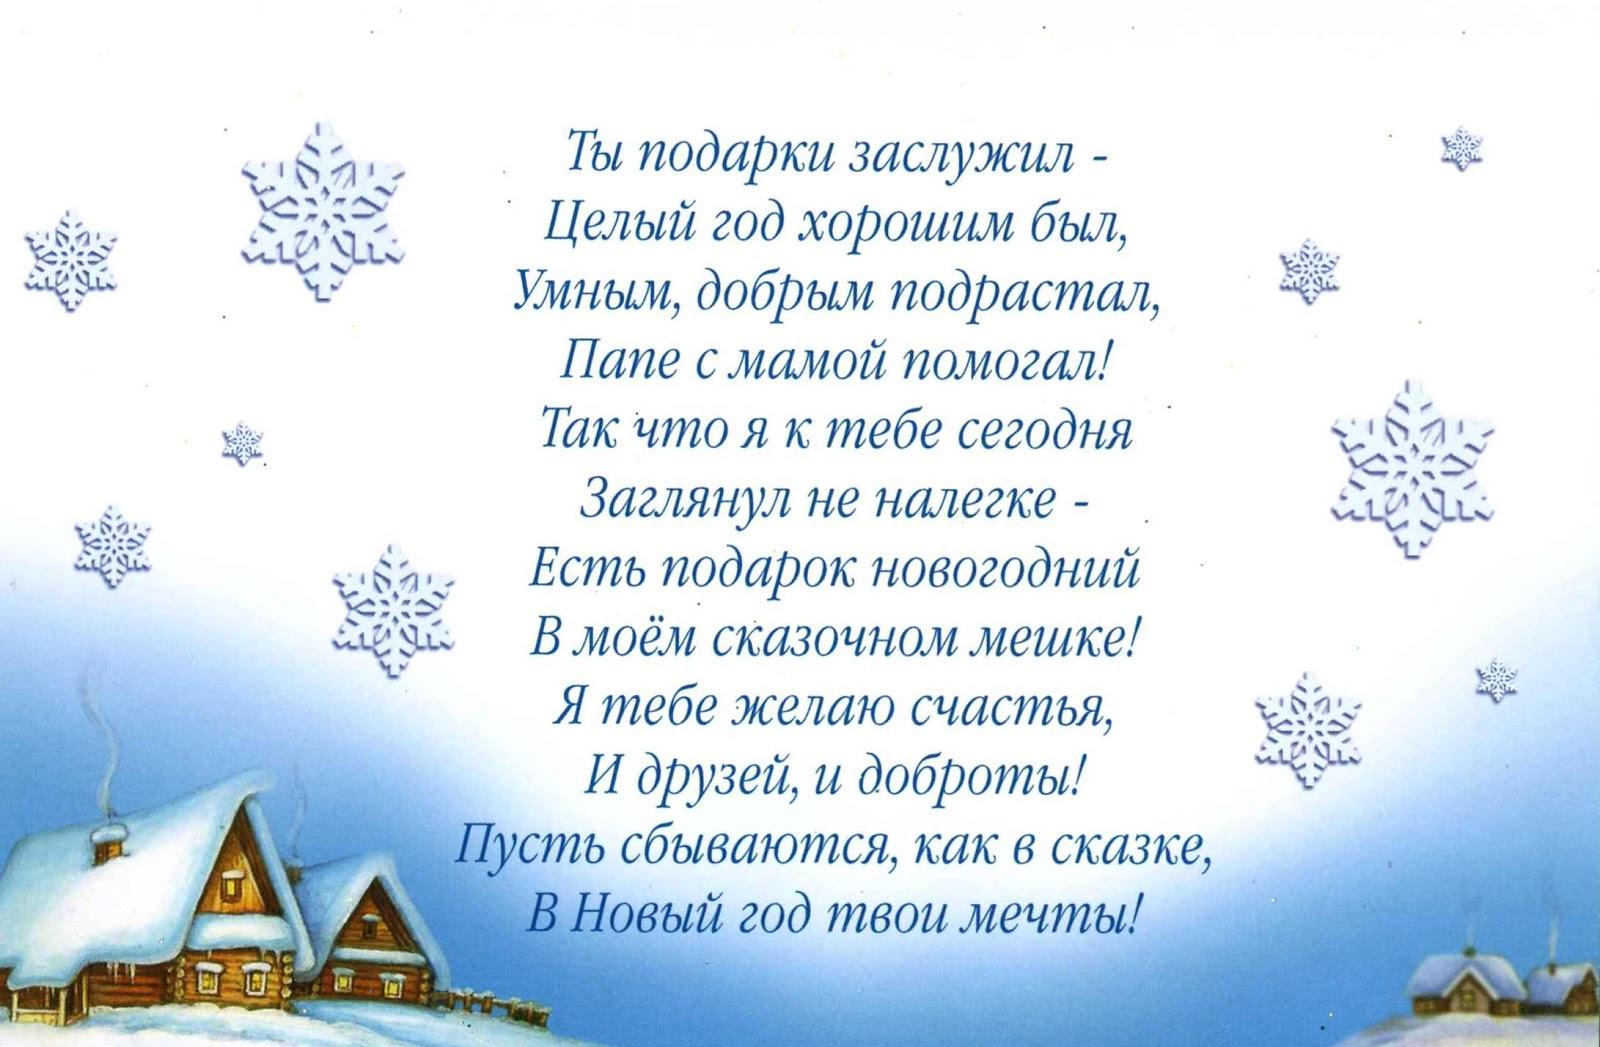 Поздравления деда мороза взрослым в стихах